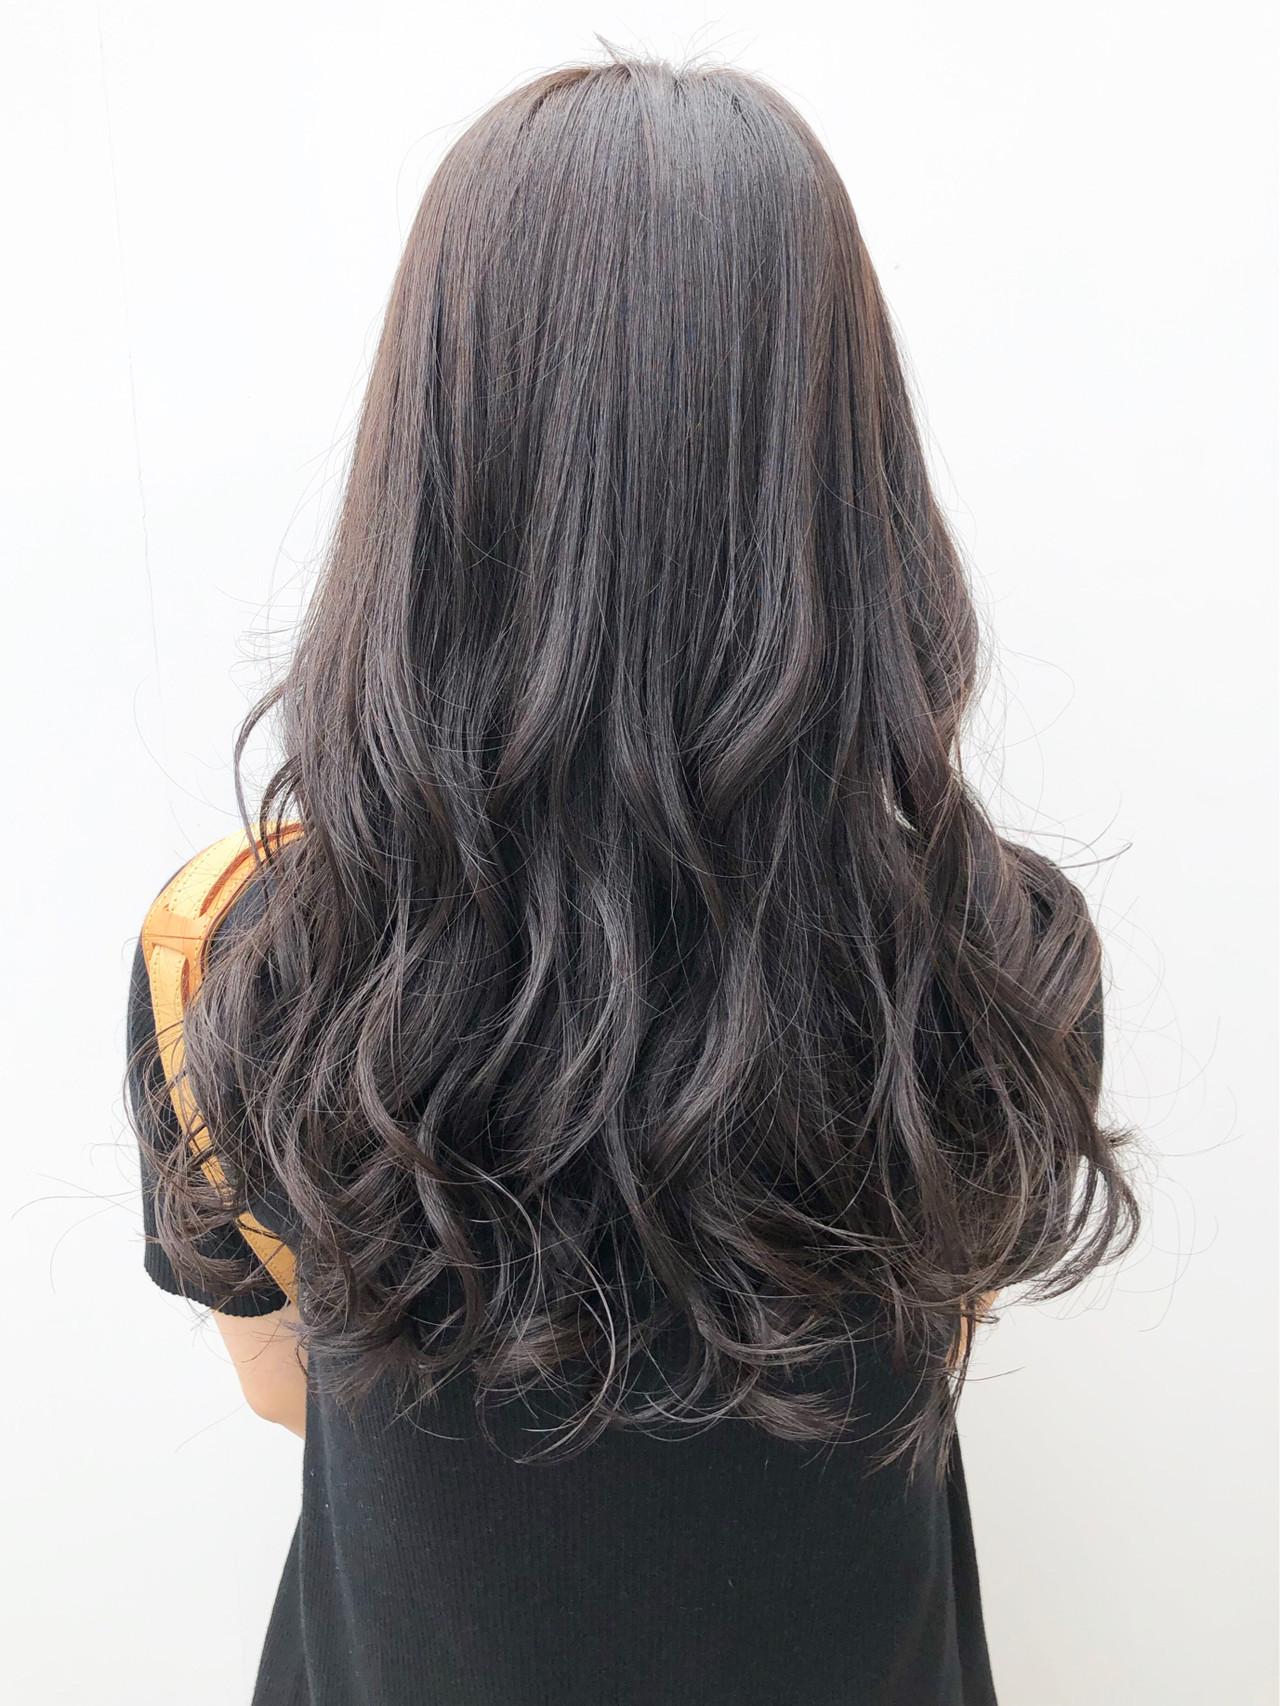 パーマ デジタルパーマ 黒髪 大人かわいい ヘアスタイルや髪型の写真・画像